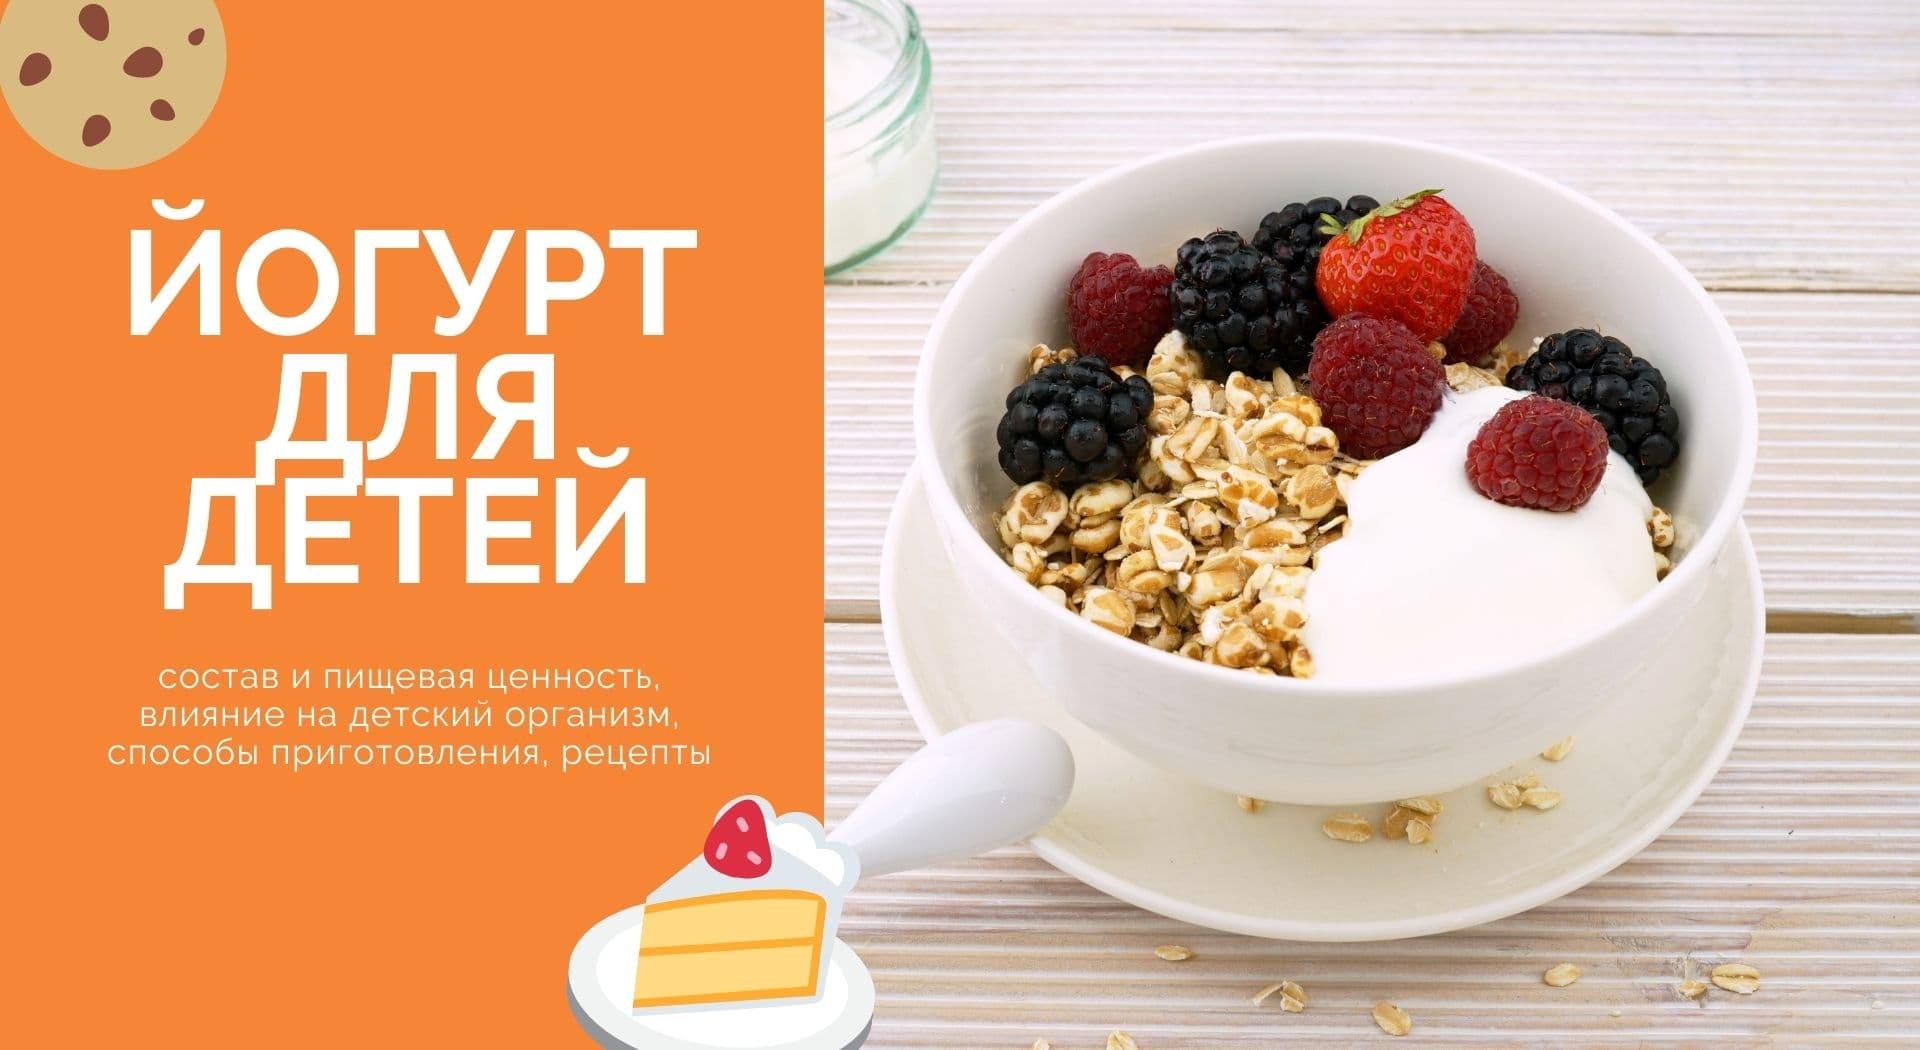 Йогурт для детей: состав и пищевая ценность, влияние на детский организм, способы приготовления, рецепты